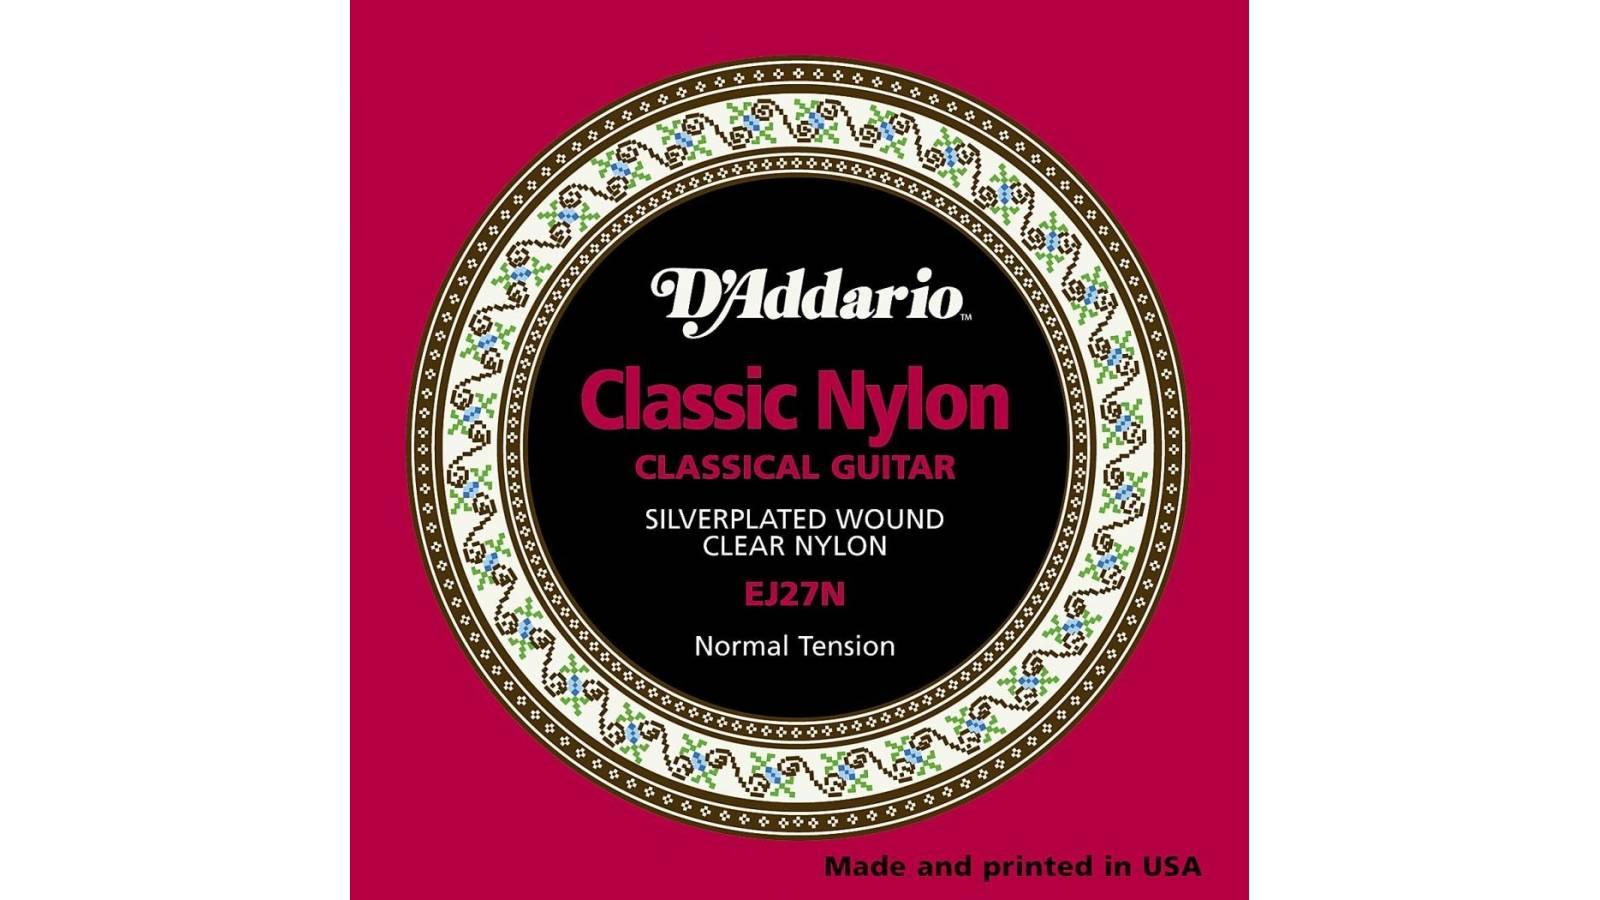 Juego de Cuerdas Encordado Daddario EJ27N Nylon Criolla Clasica